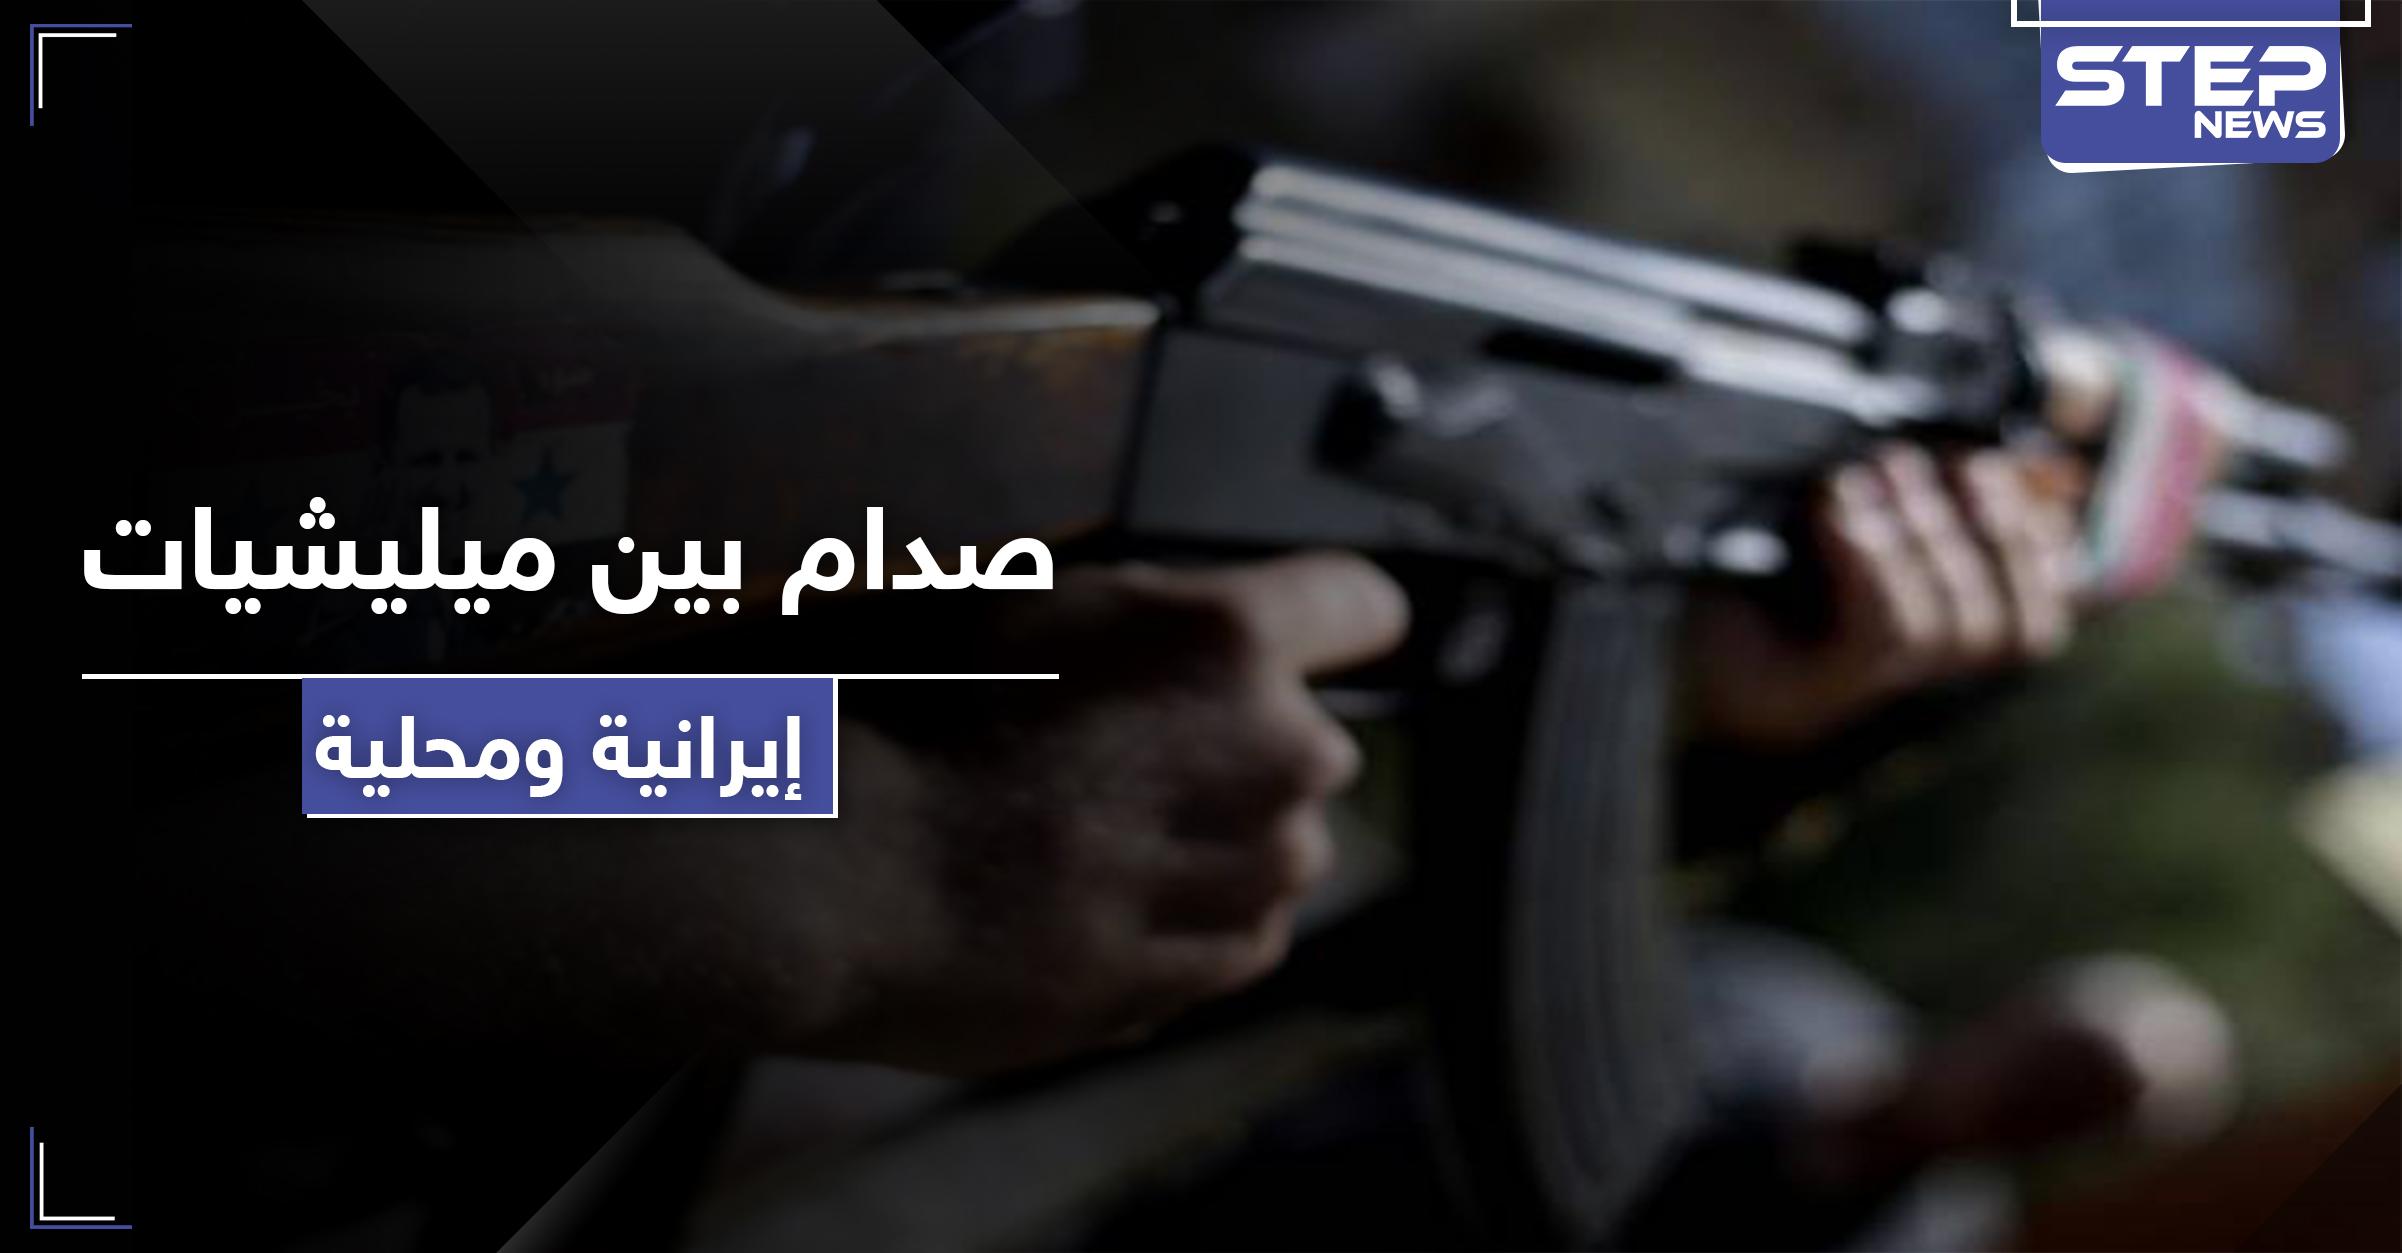 ميليشيات إيرانية تحاصر مقرات الدفاع الوطني وتجبره على الاعتذار من مسؤول تابع لها